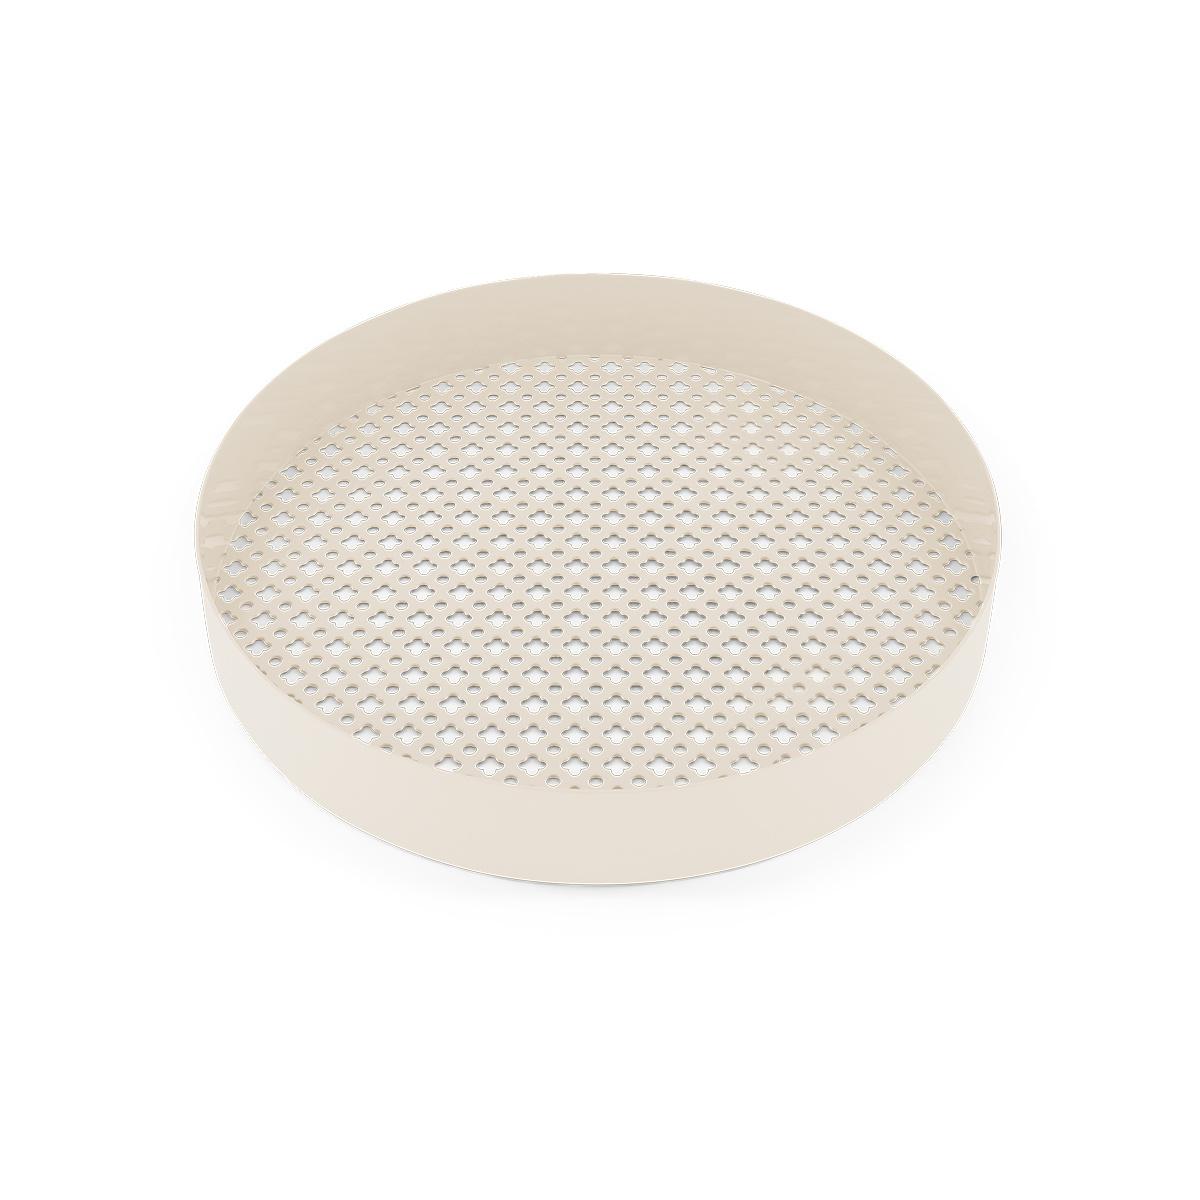 Plateau Matteo blanc crème